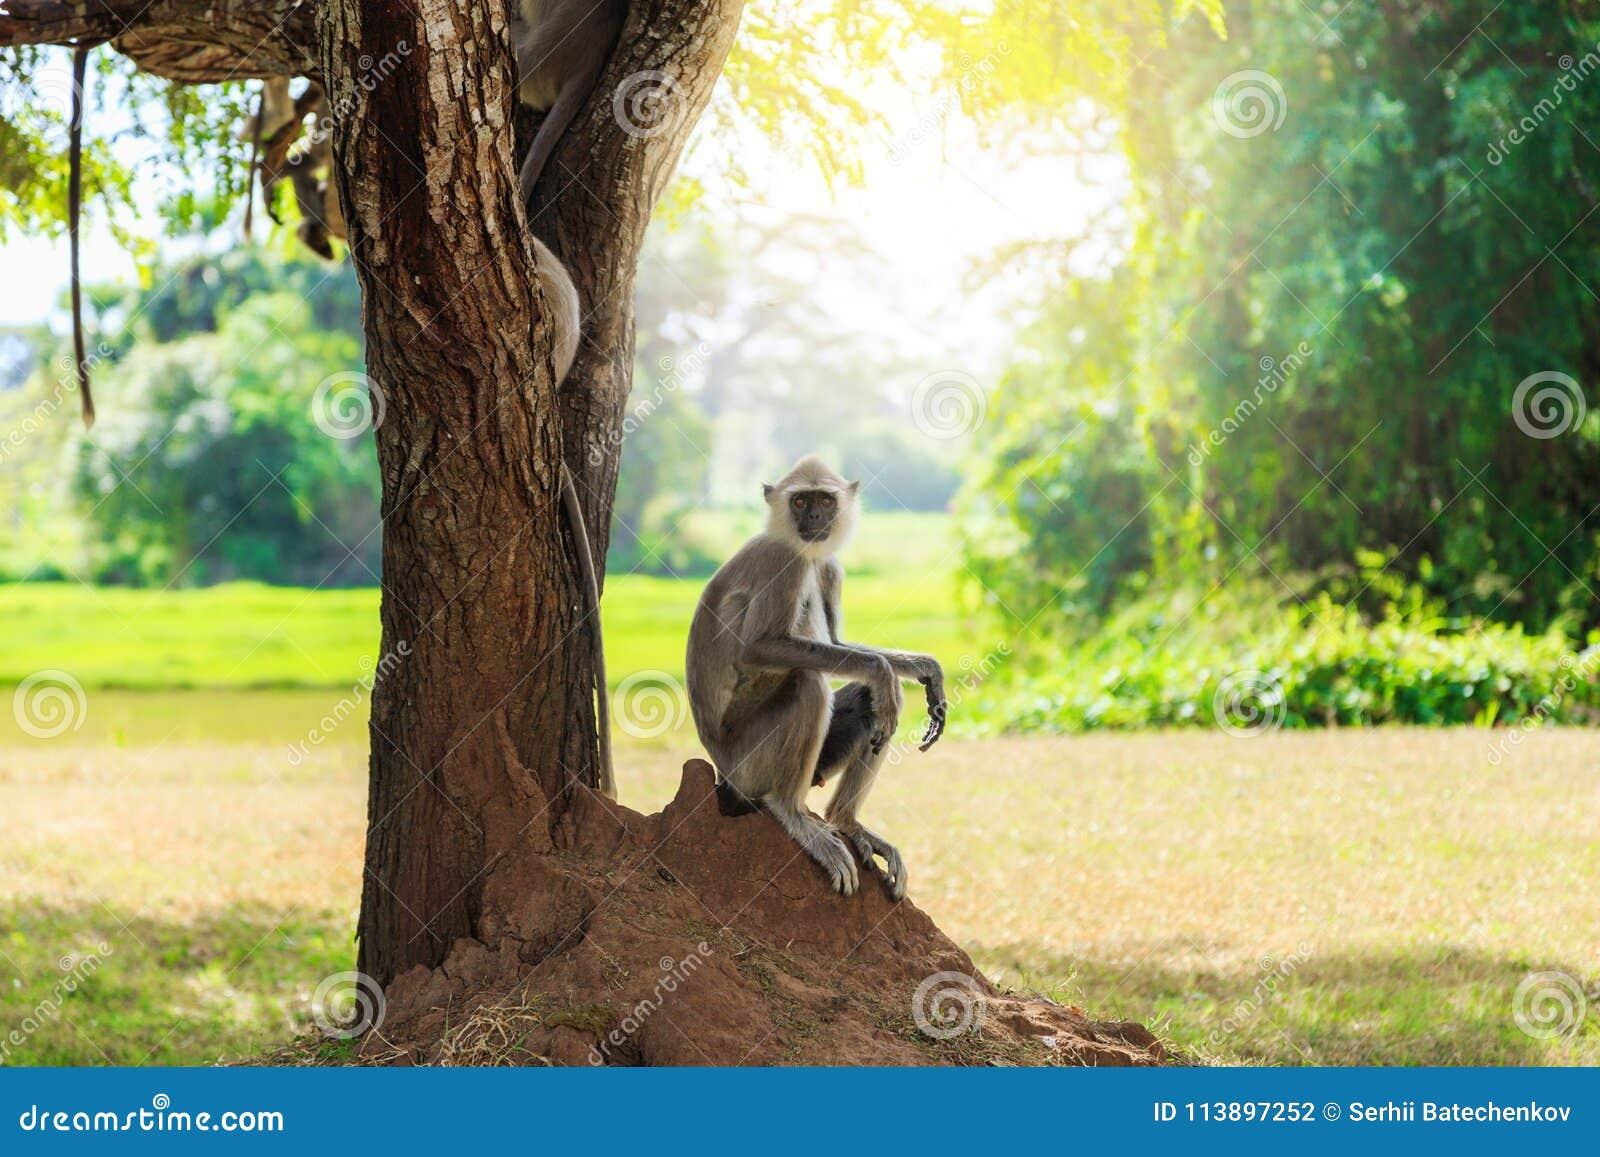 Mono gris en la selva que se sienta debajo de un árbol